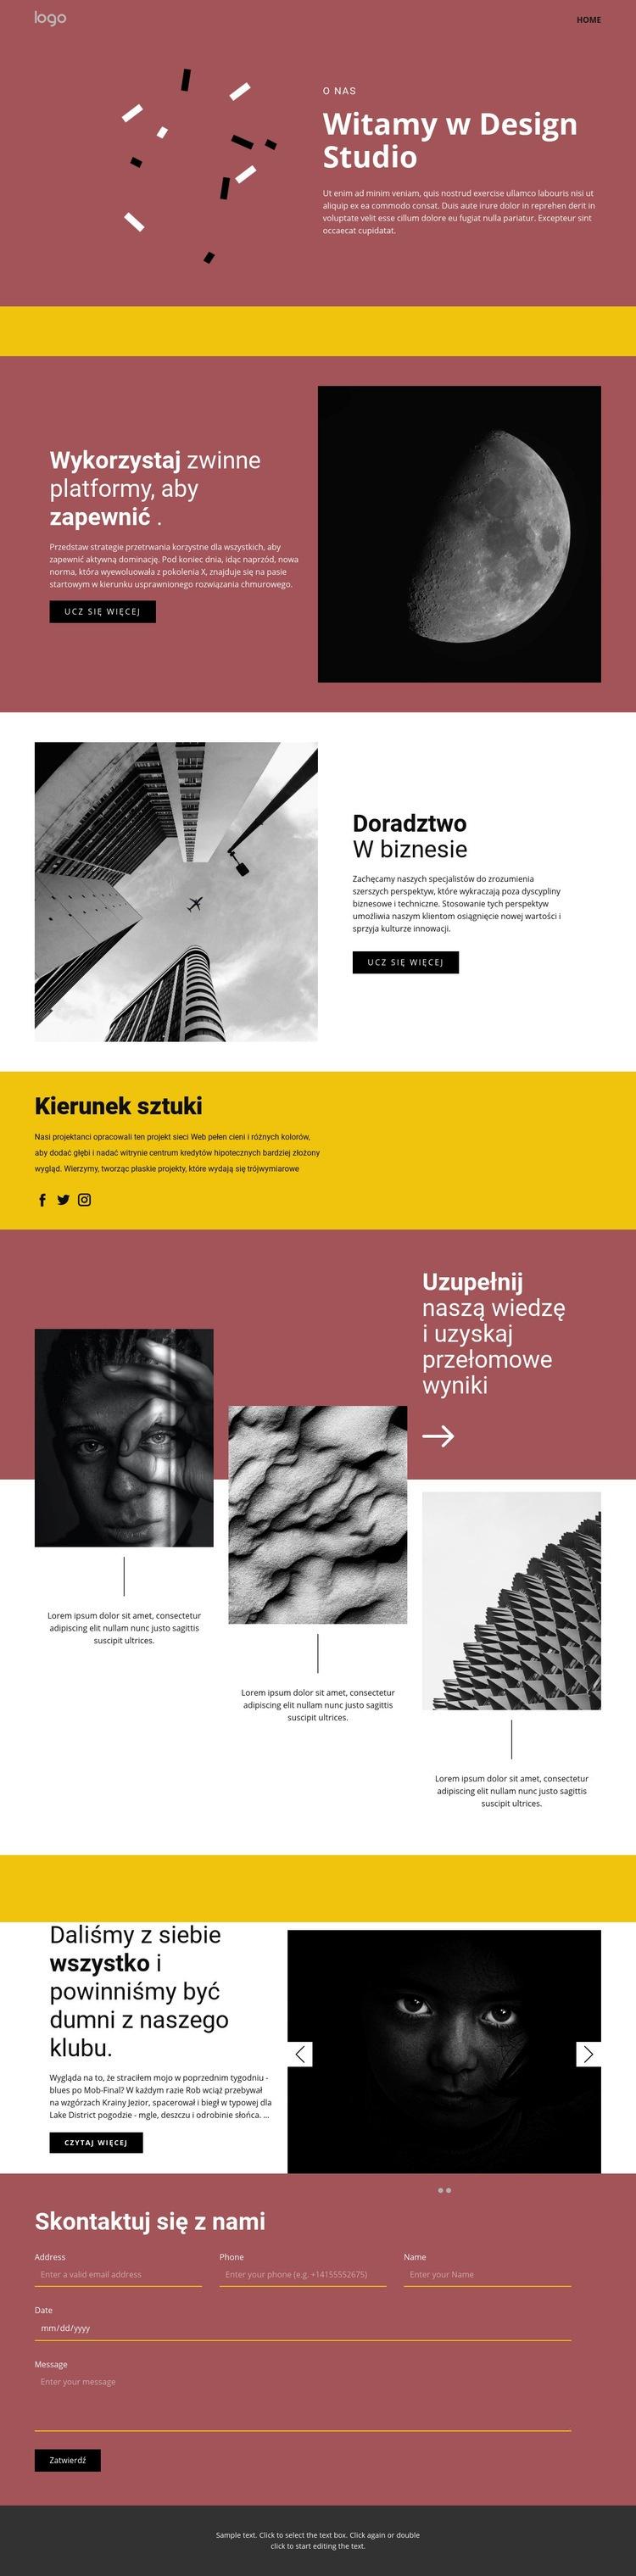 Studio sztuki ekspresyjnej Szablon witryny sieci Web